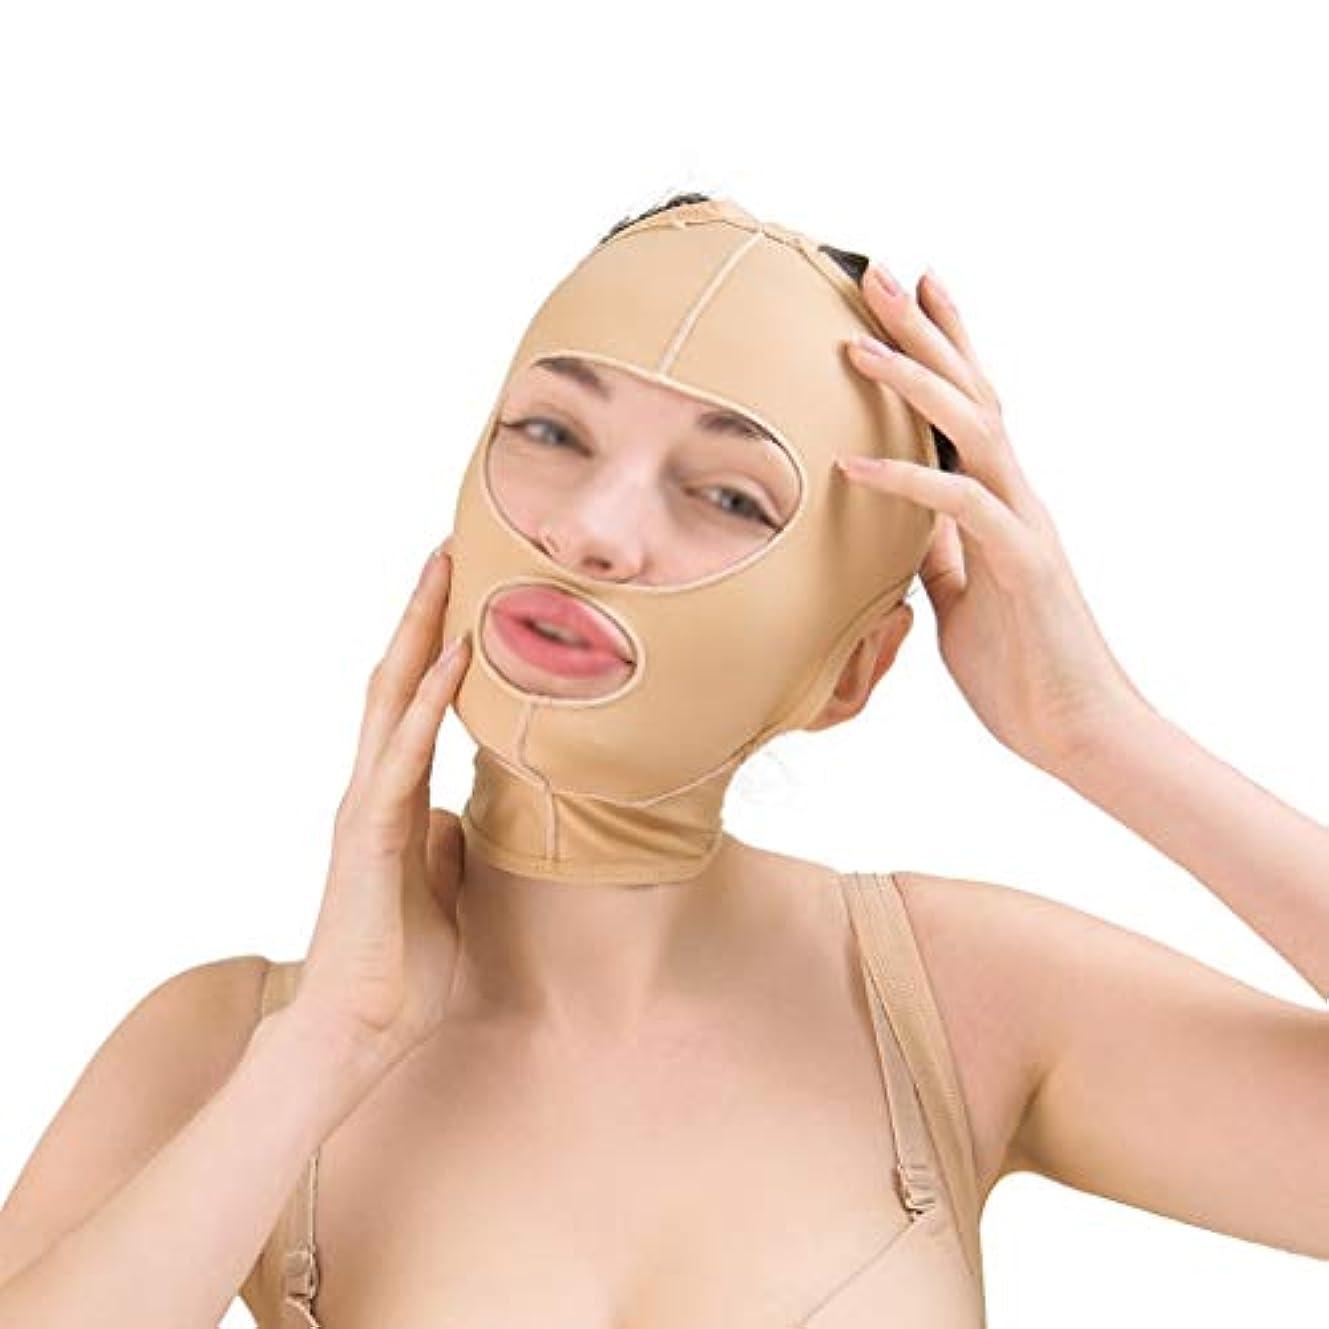 レンダー再開専制美容フェイスリフト減量ベルト、ほおスリムフィット、通気性フェイスリフト、引き締め、包帯を持ち上げる、フェイシャルスキン包帯 (Size : S)